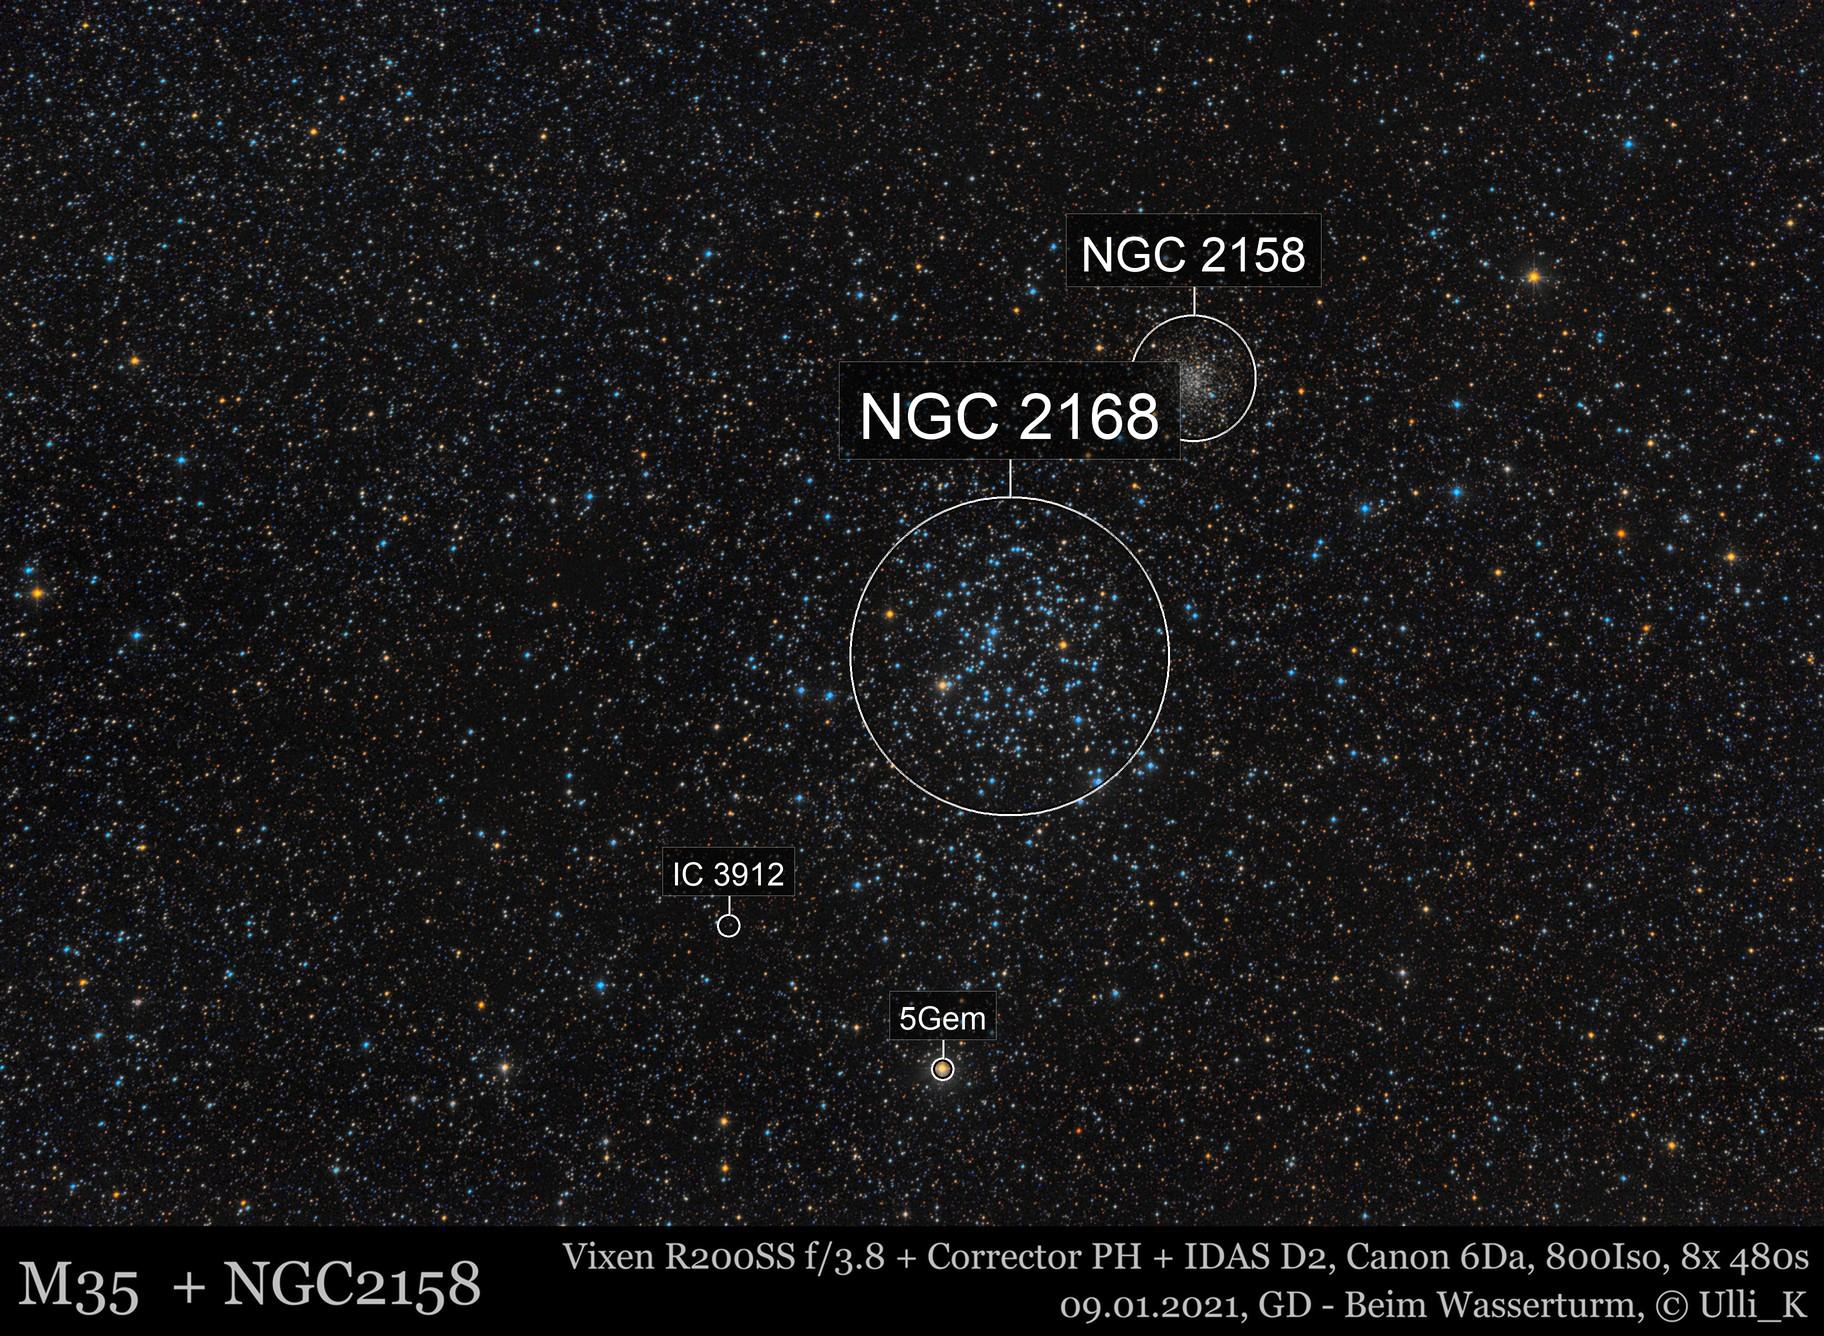 M35 + NGC2158